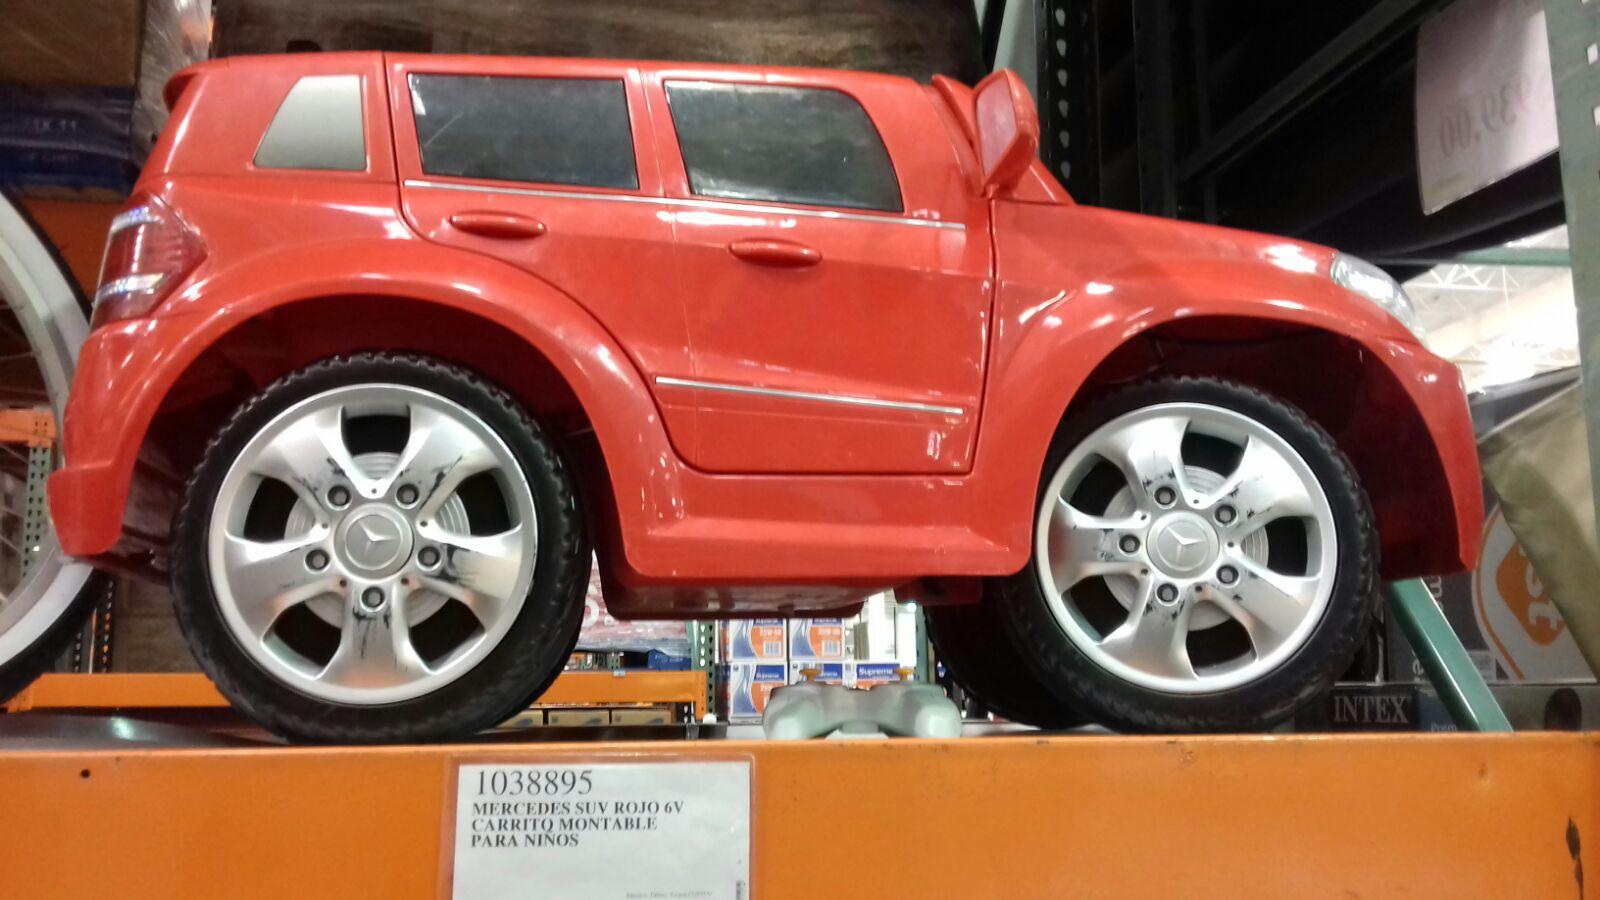 Costco: Montable Electrico c/remoto Mercedes-Benz  a $2,999